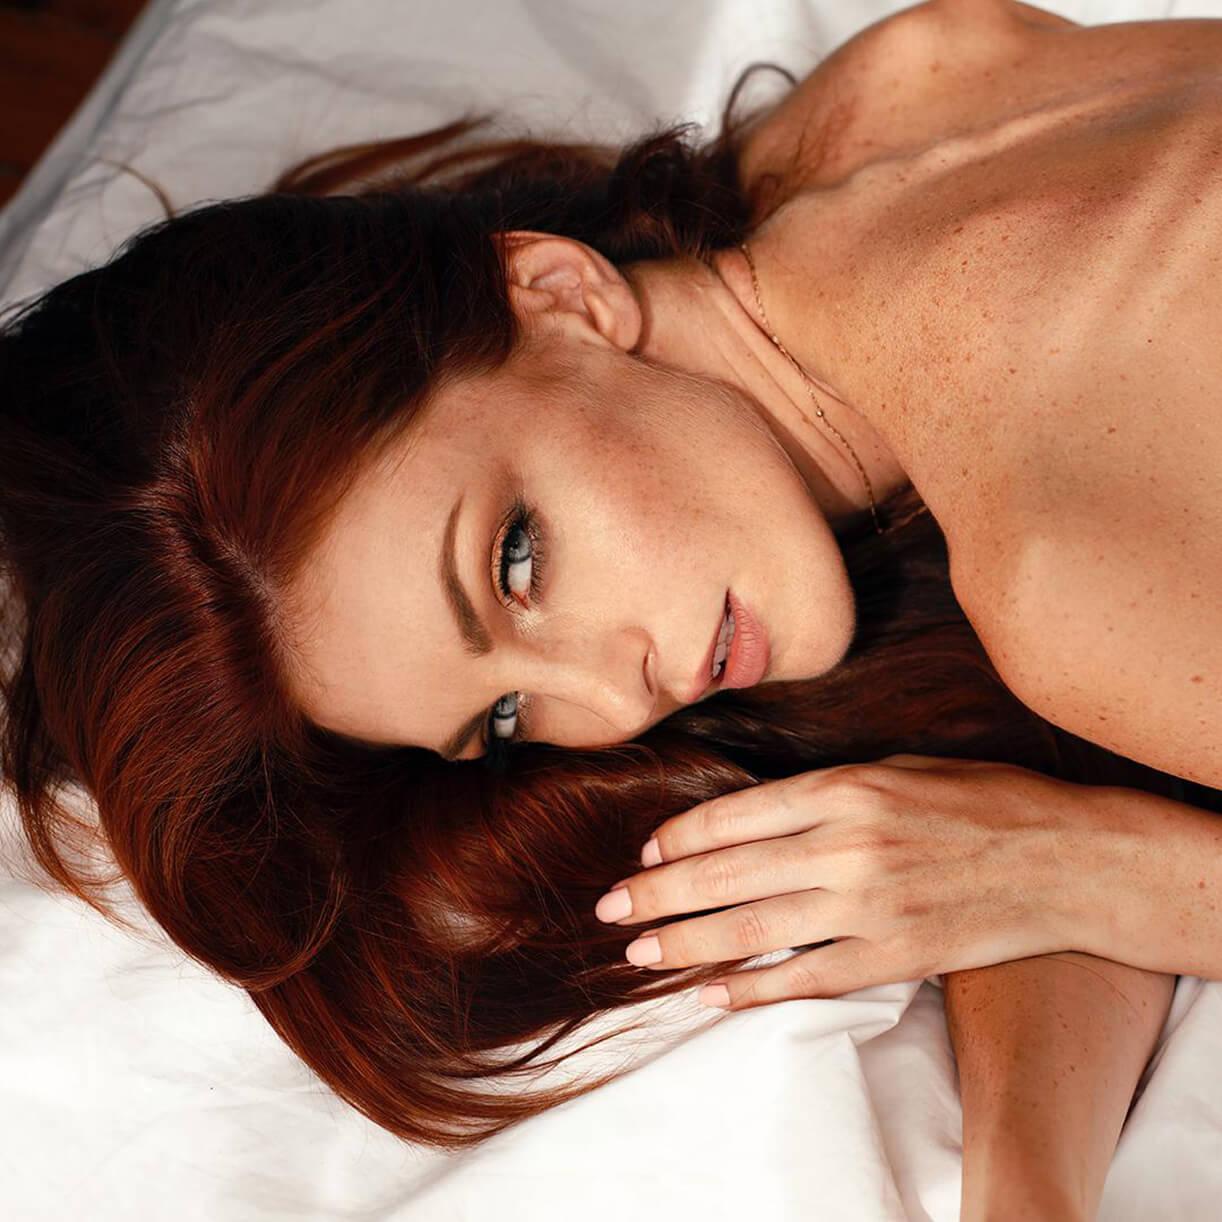 Рыжеволосая модель с веснушками на постельном белье. Красивый макияж.